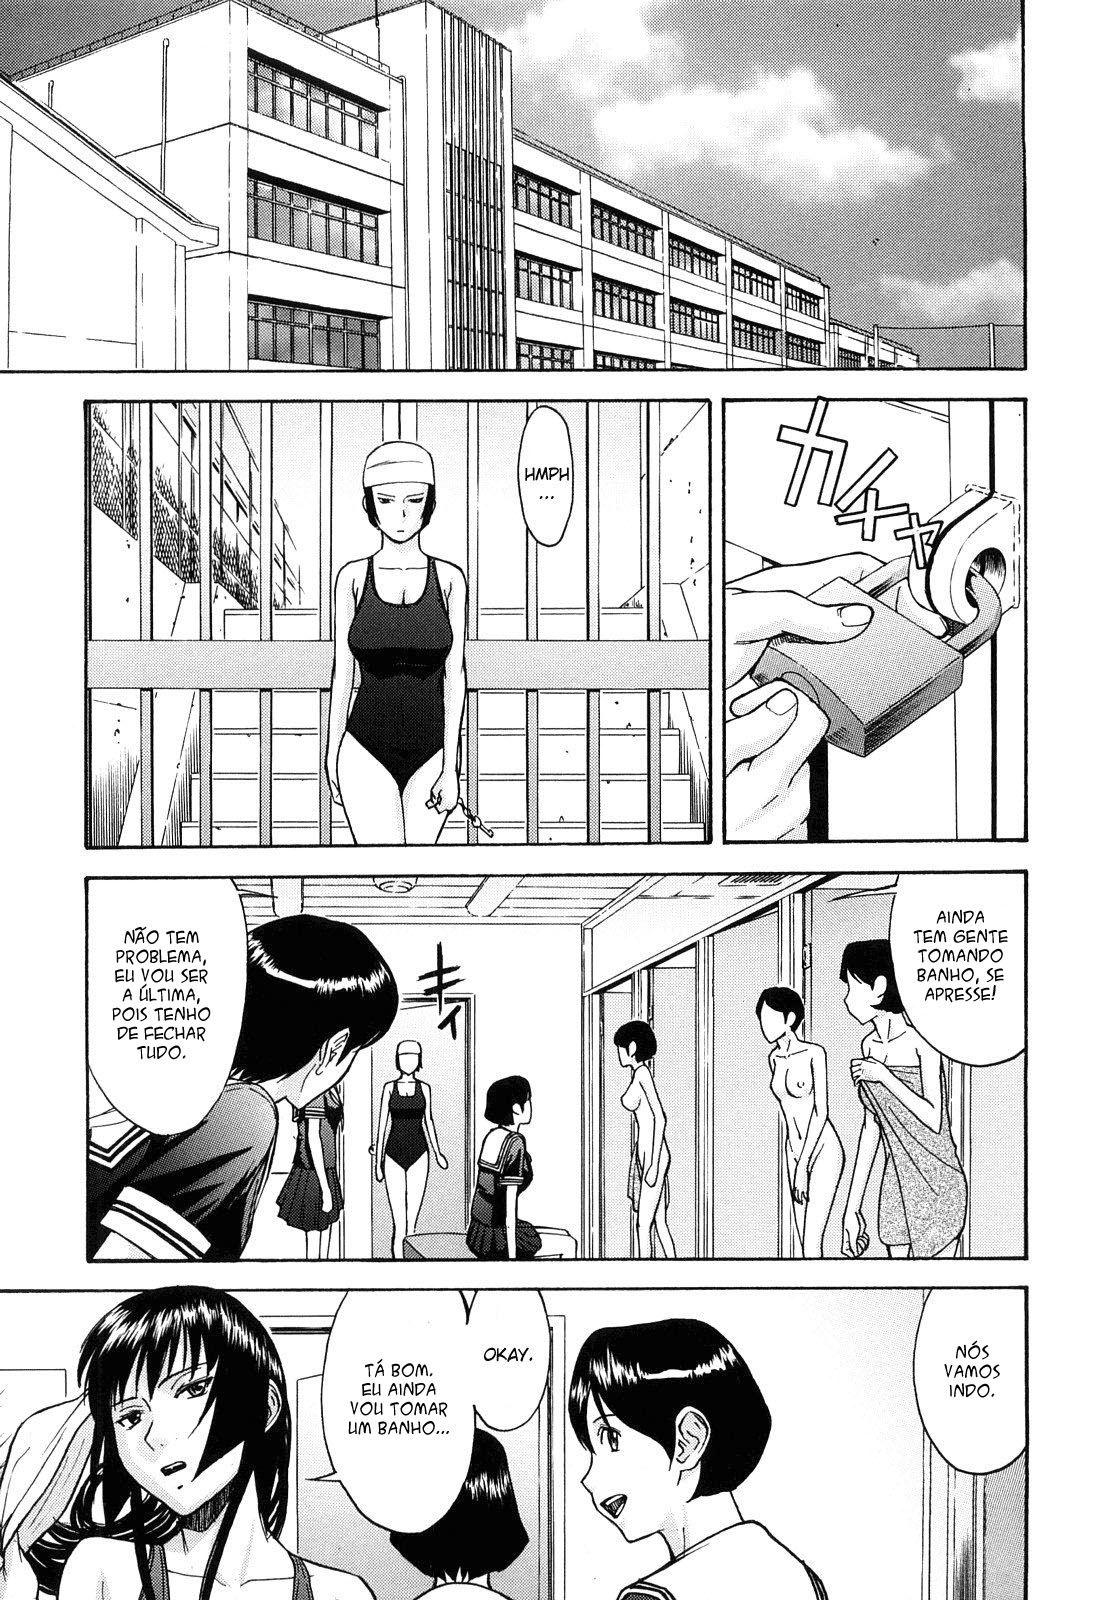 Itazura-Senyou-–-Malícia-na-escola-–-Capítulo-03-3